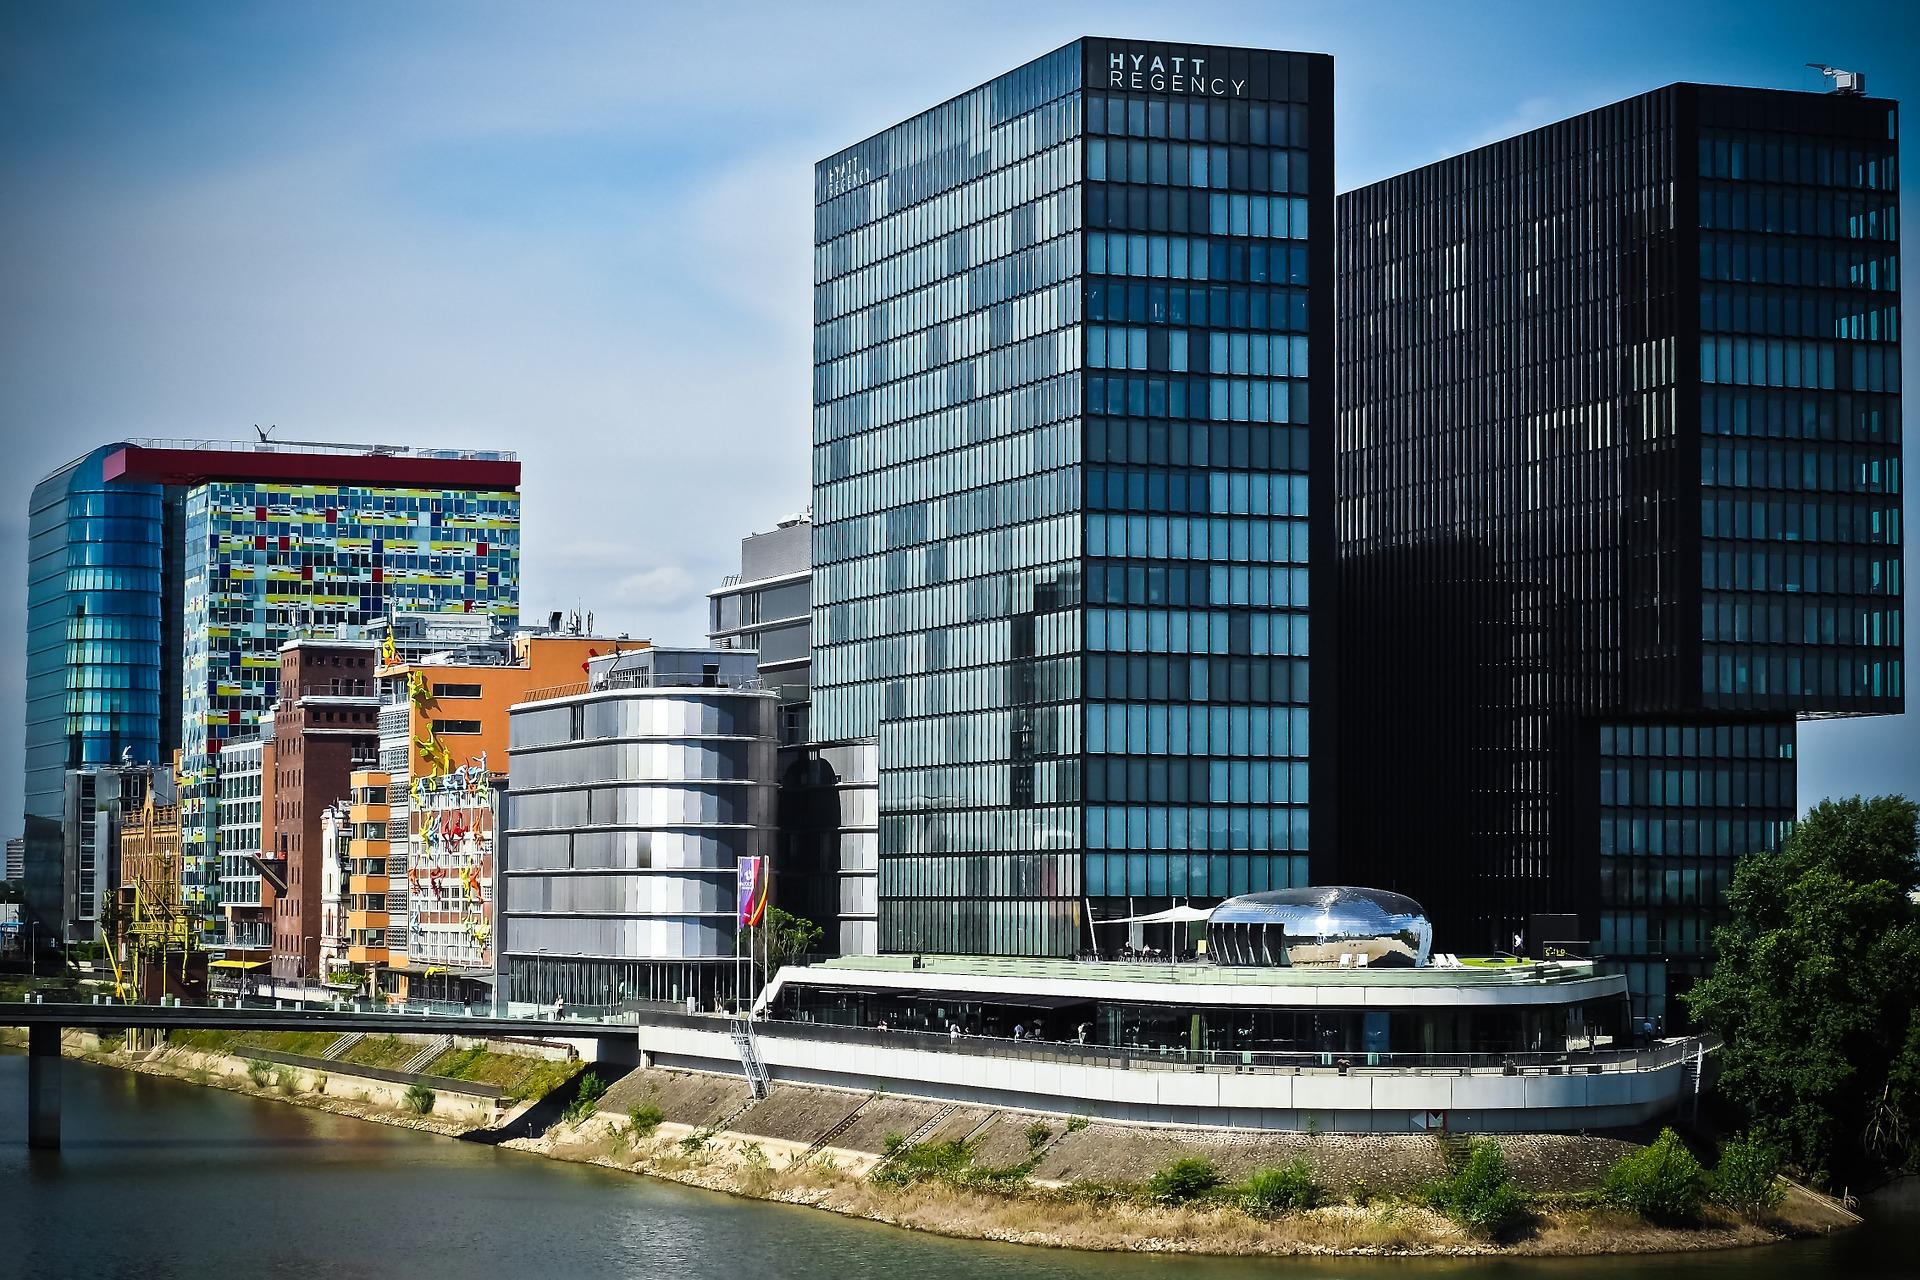 bâtiments, Ville, architecture, port, Düsseldorf - Fonds d'écran HD - Professor-falken.com